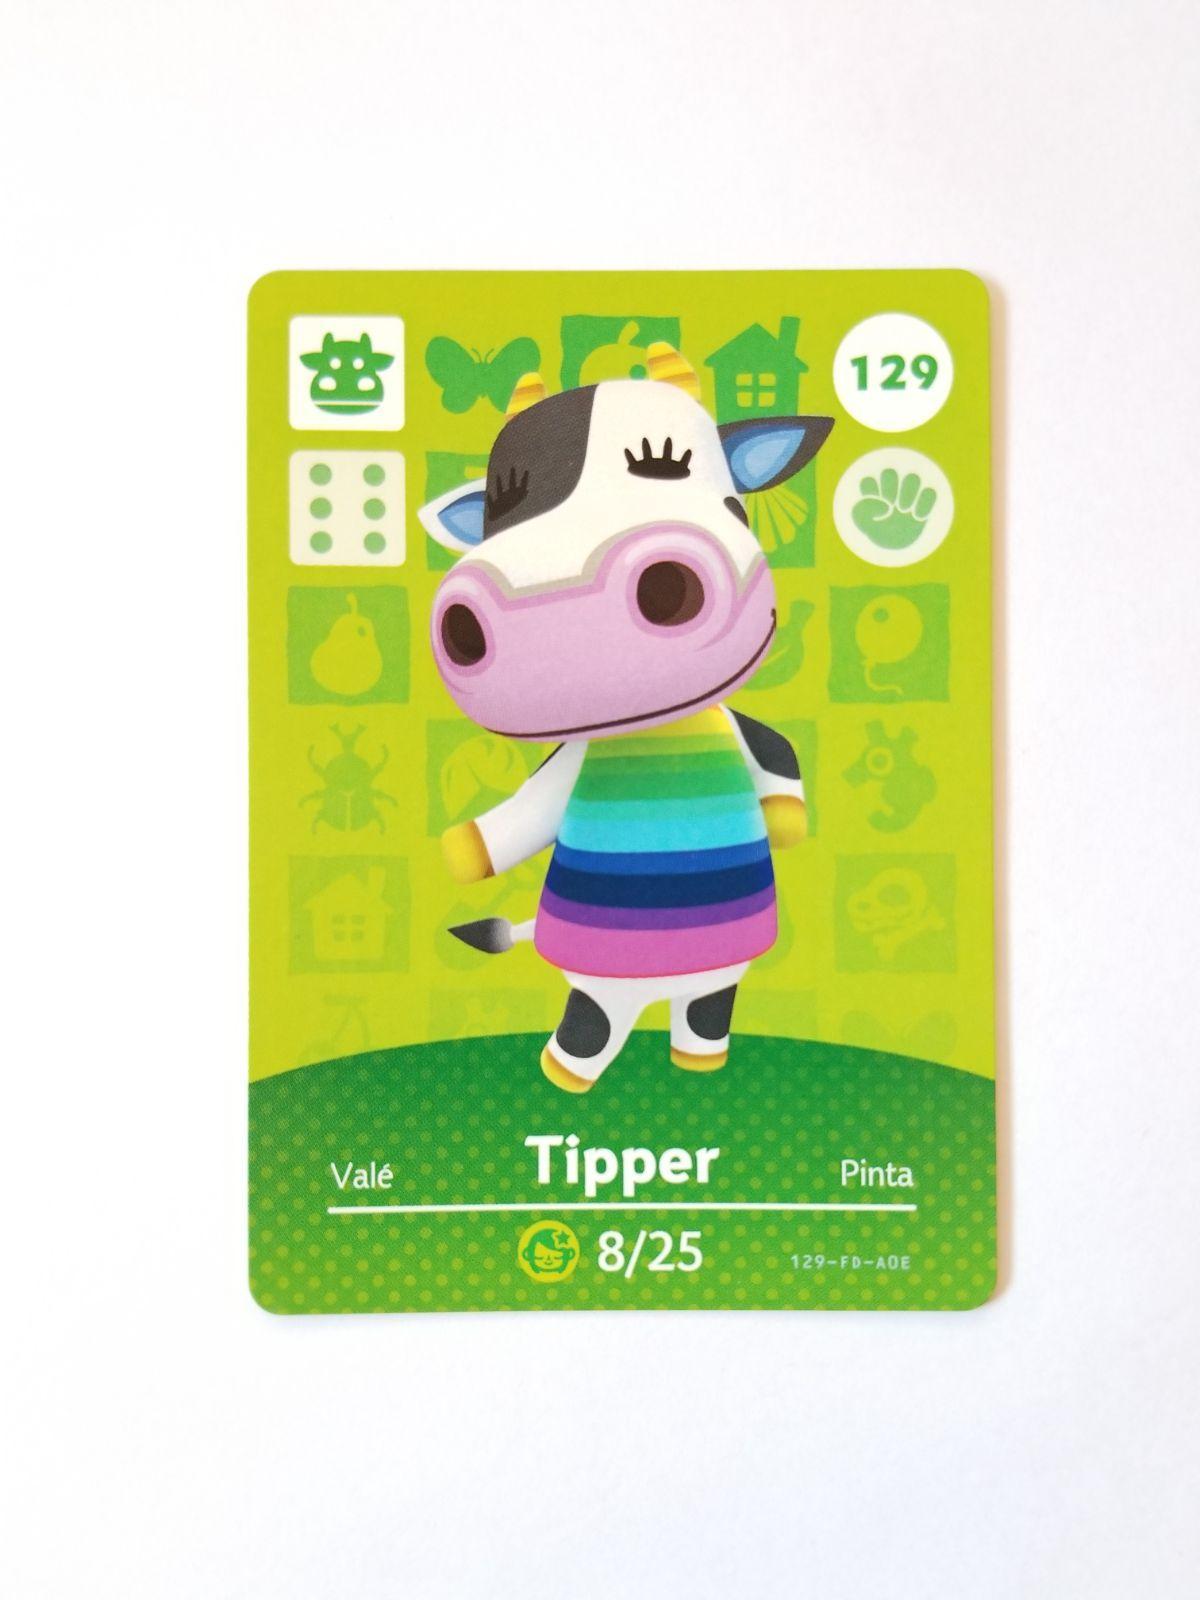 Animal Crossing Amiibo Card Tipper 129 Mercari In 2020 Animal